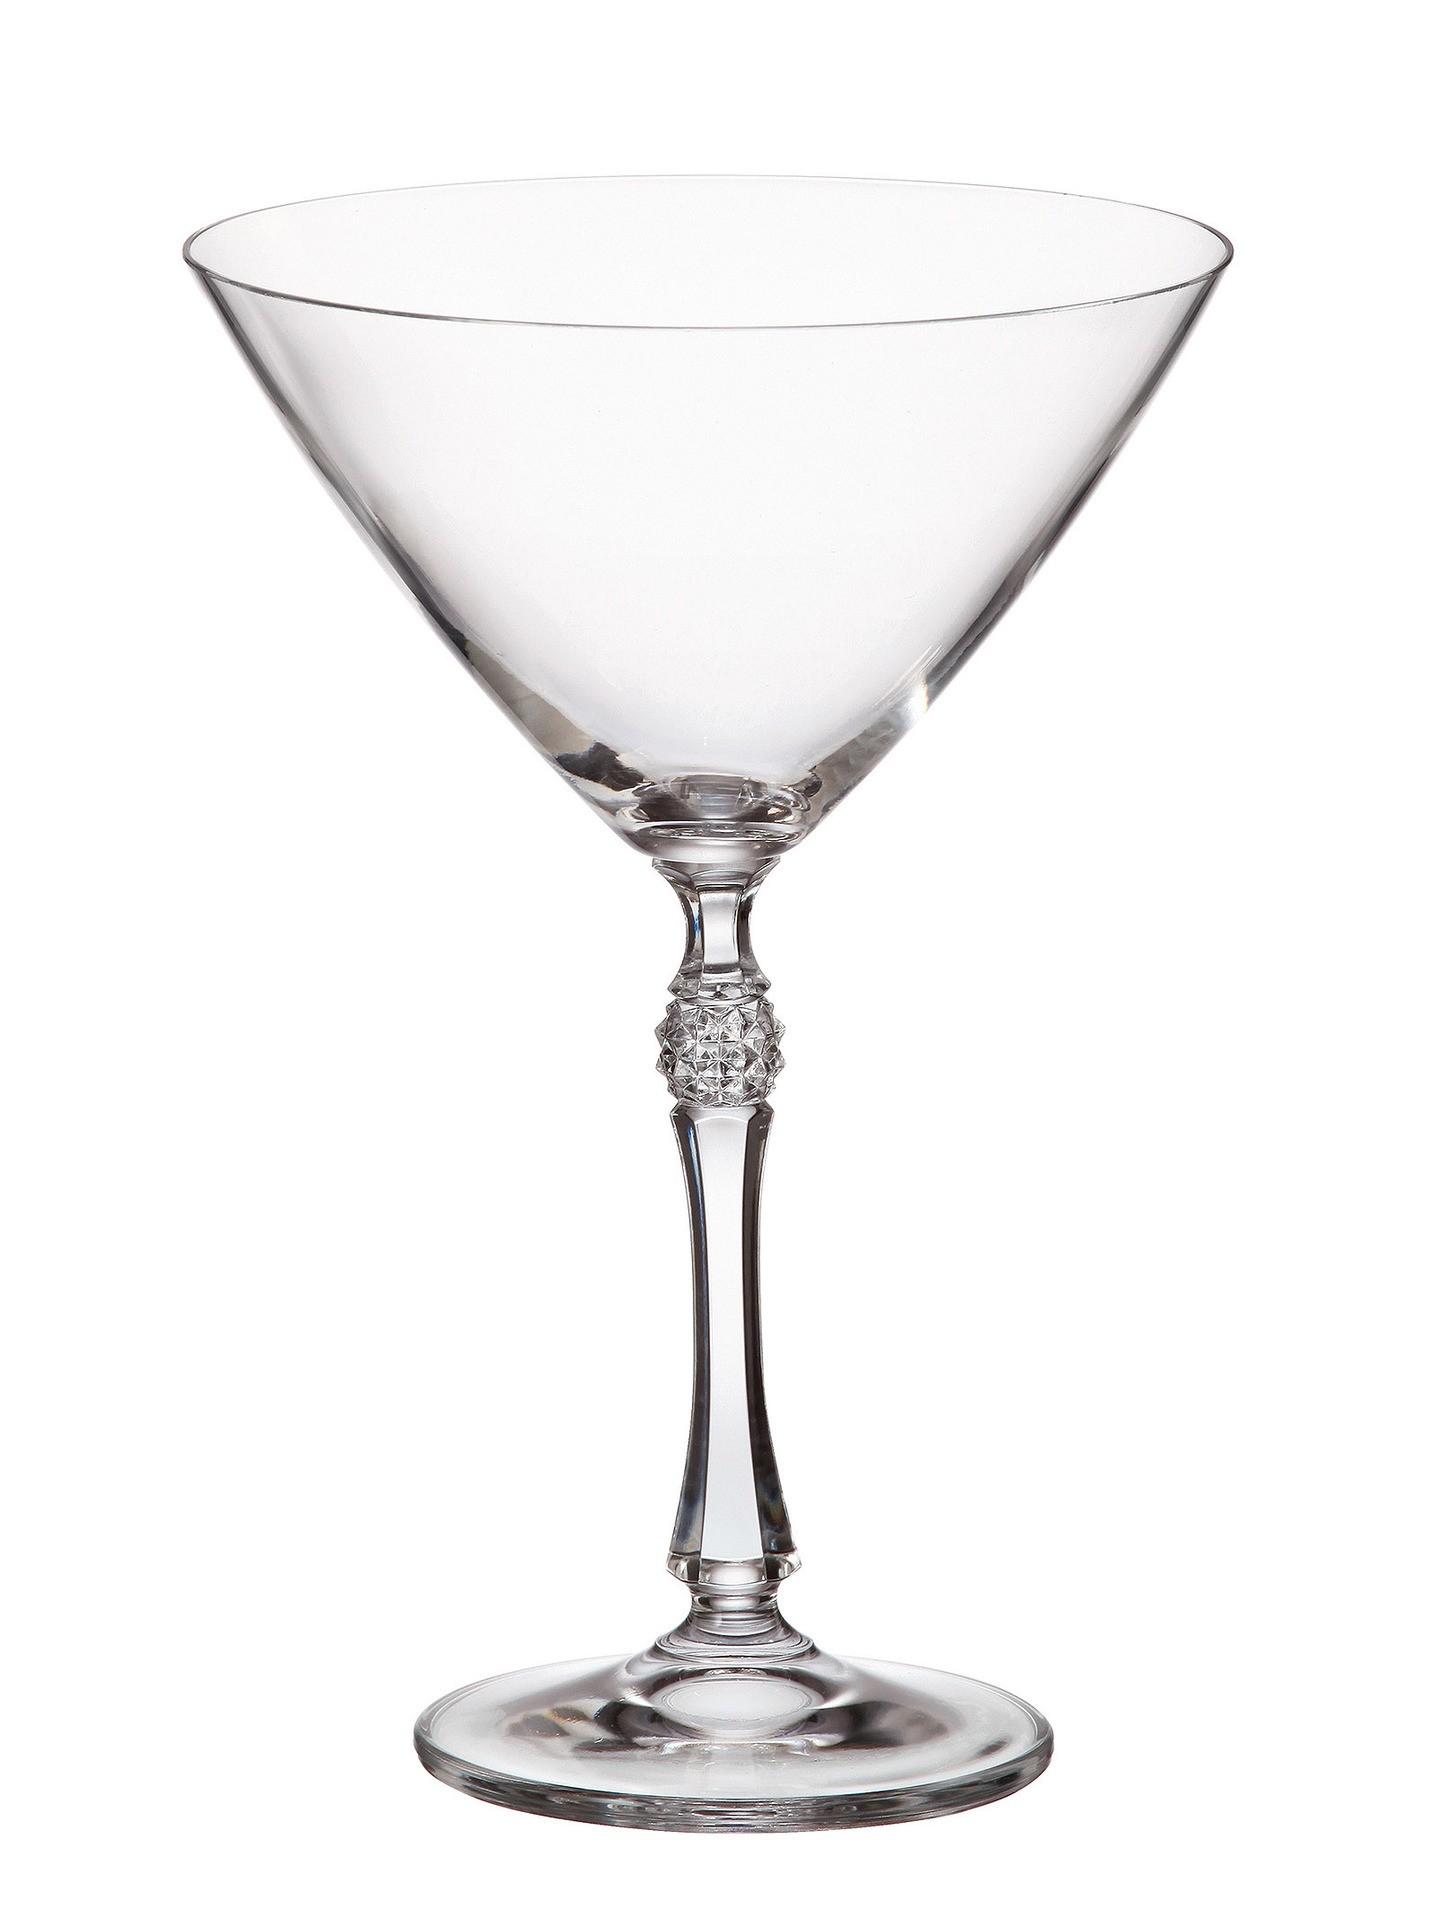 Ποτήρι Martini Σετ 6 Τμχ Κρυστάλλινο Bohemia Proxima 280ml